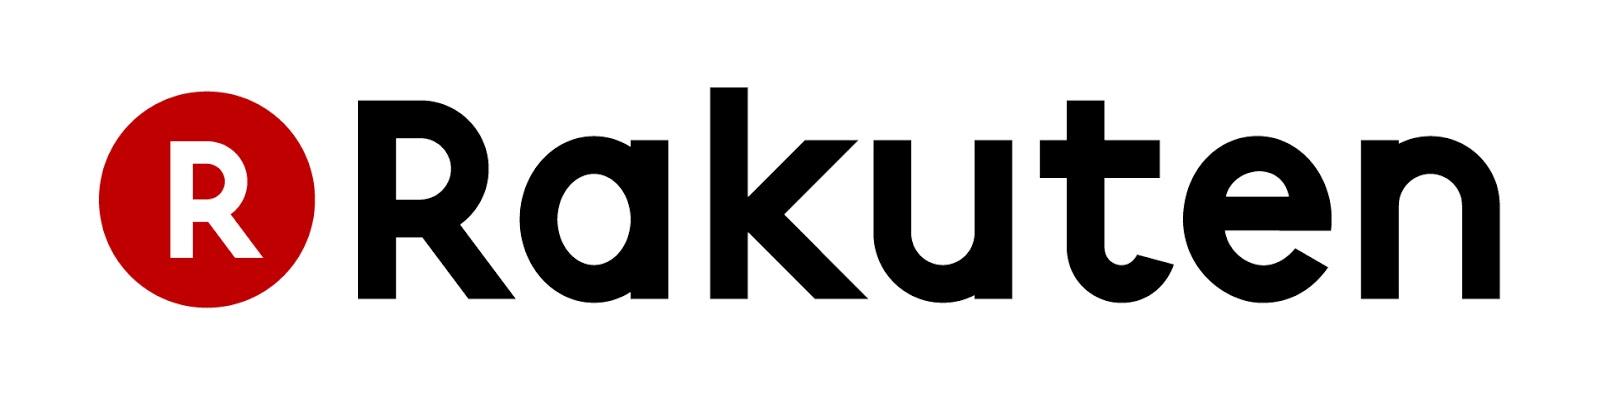 EddieWKH: Rakuten, an Alternative of AliExpress for Dropshipping